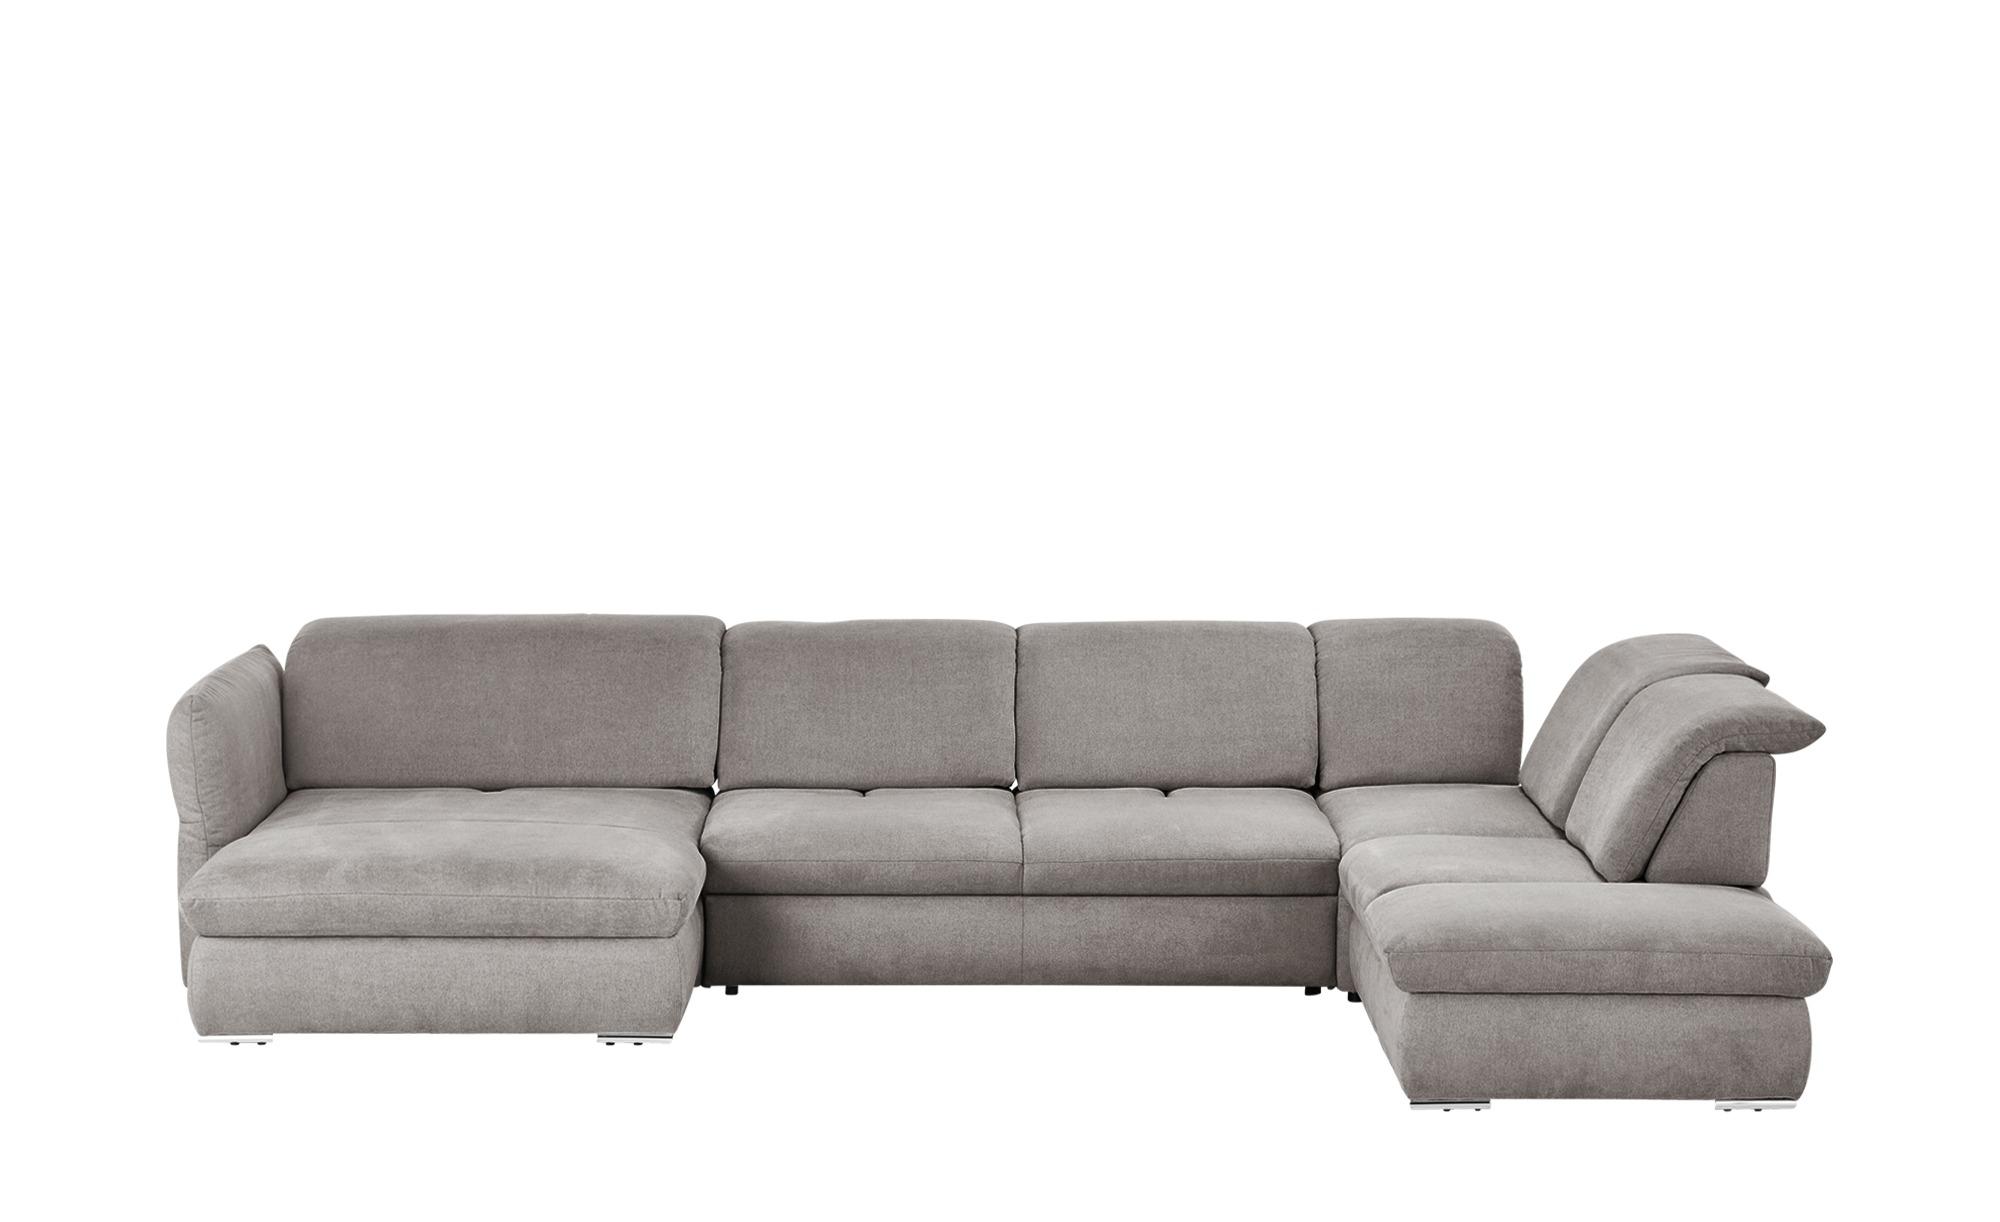 wohnlandschaft salvador breite h he beige online kaufen bei woonio. Black Bedroom Furniture Sets. Home Design Ideas